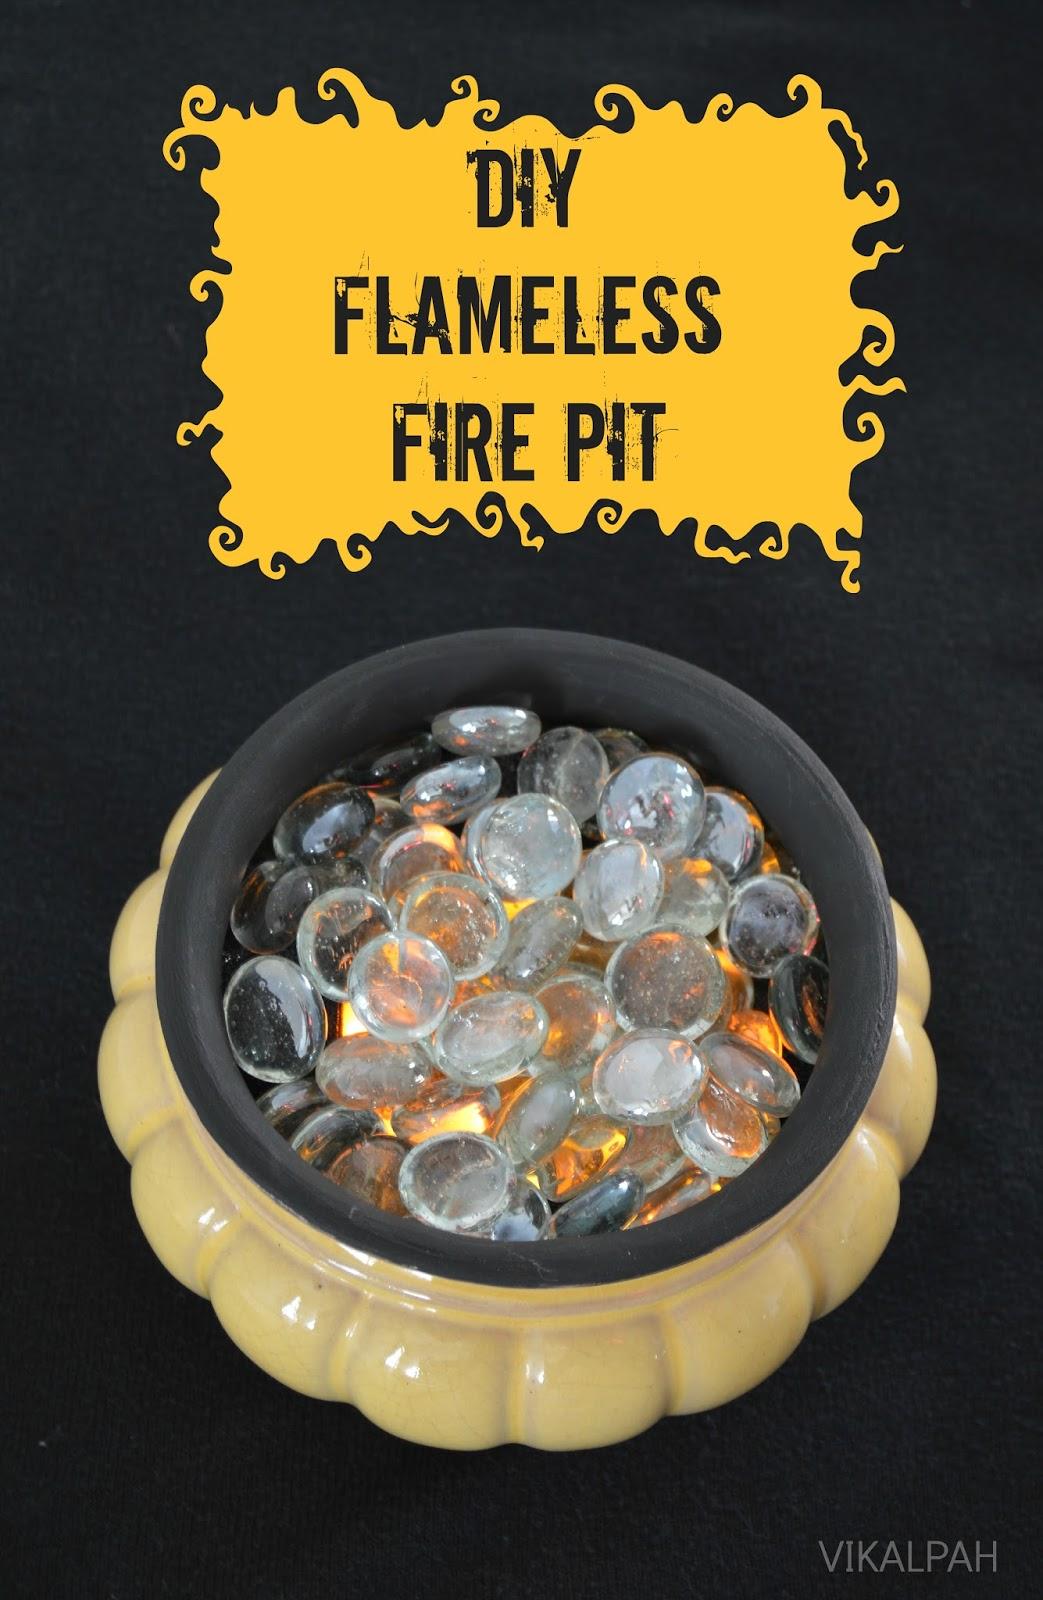 Vikalpah: DIY Flameless Fire Pit